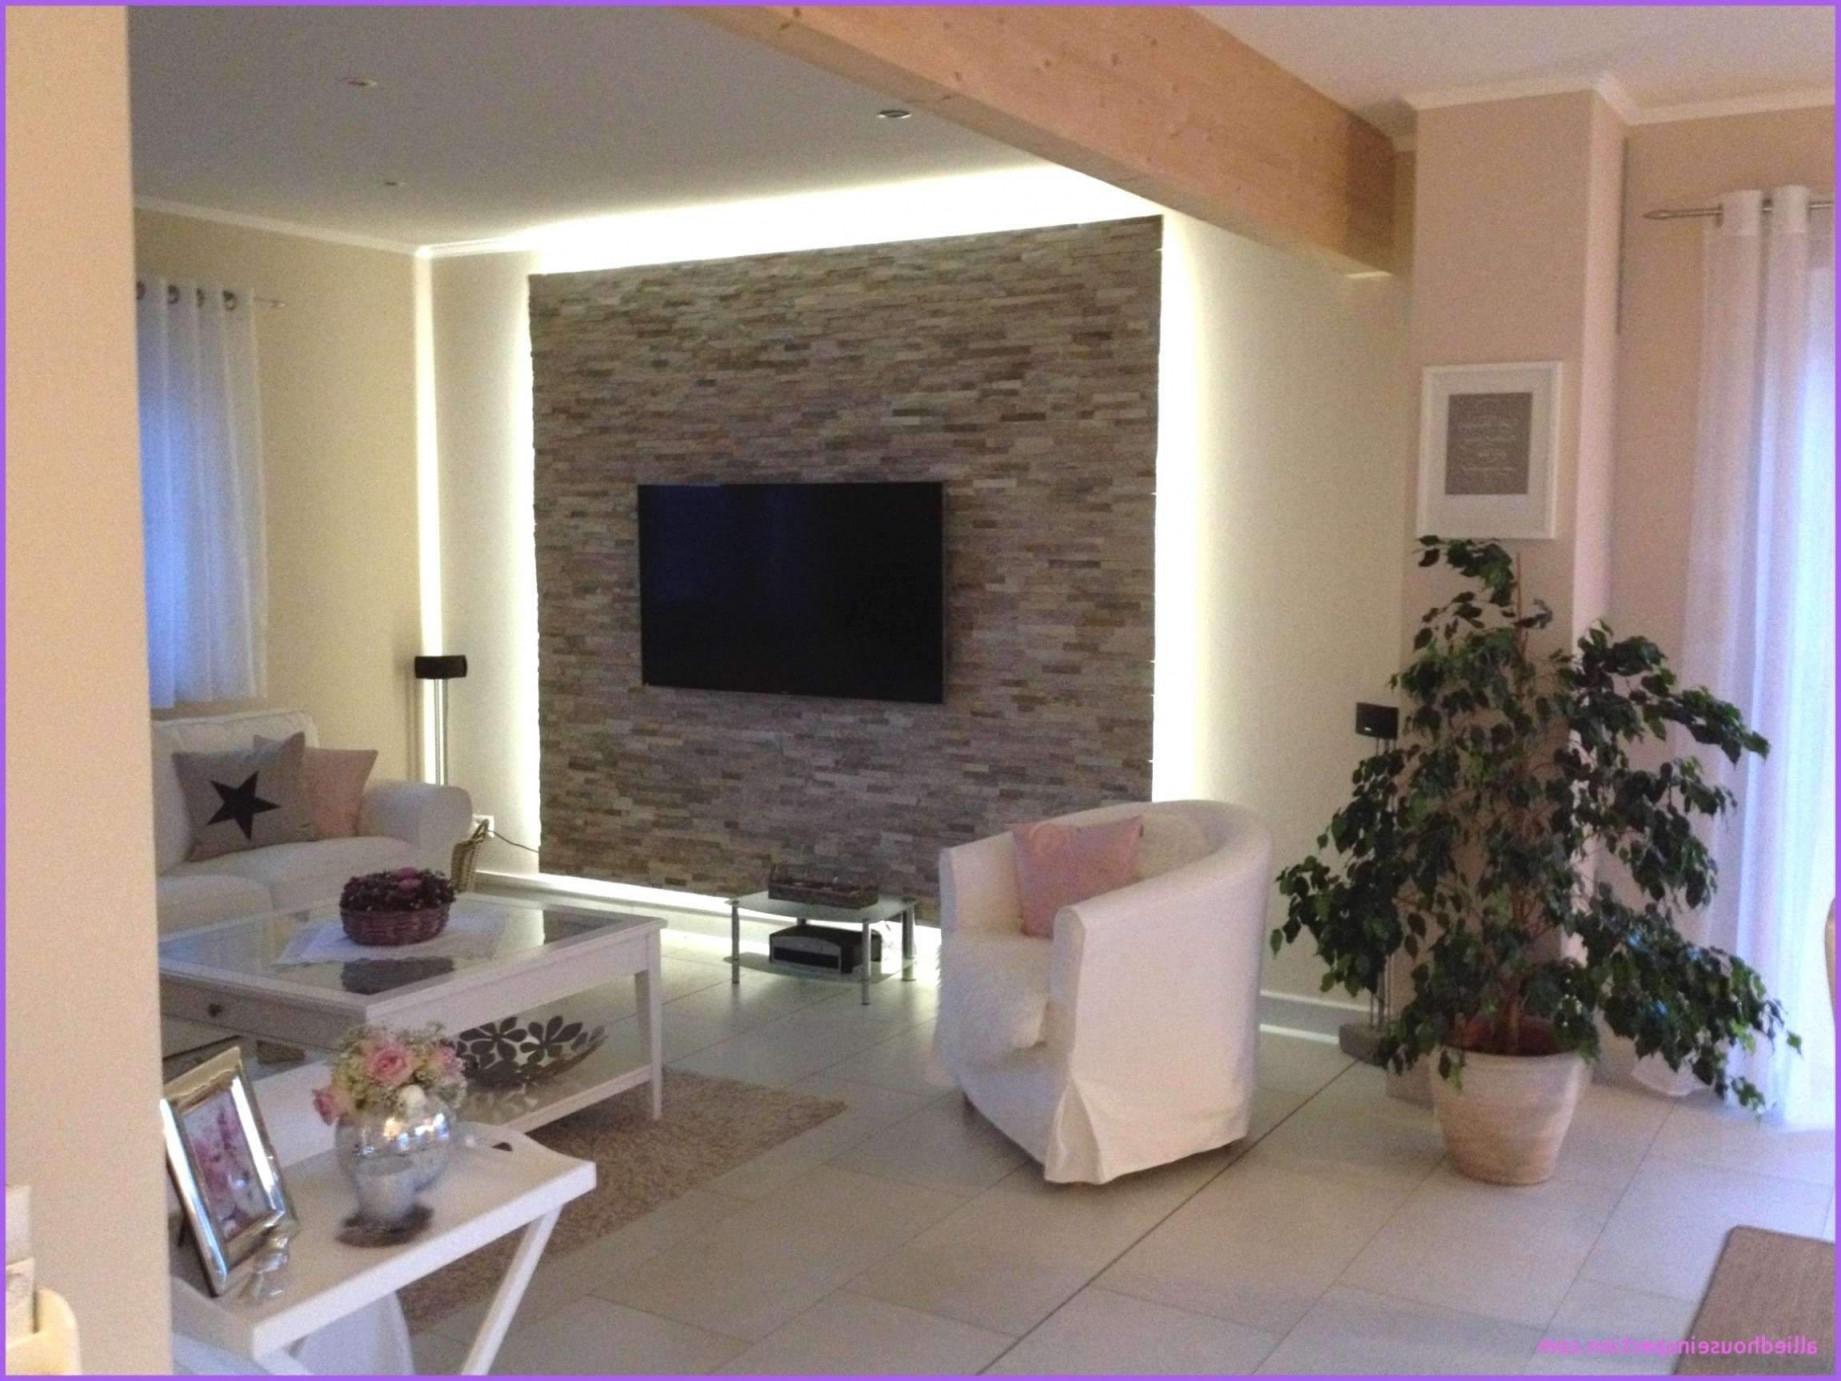 40 Schön Wohnzimmer Design Ideen Reizend  Wohnzimmer Frisch von Schöne Moderne Wohnzimmer Bild